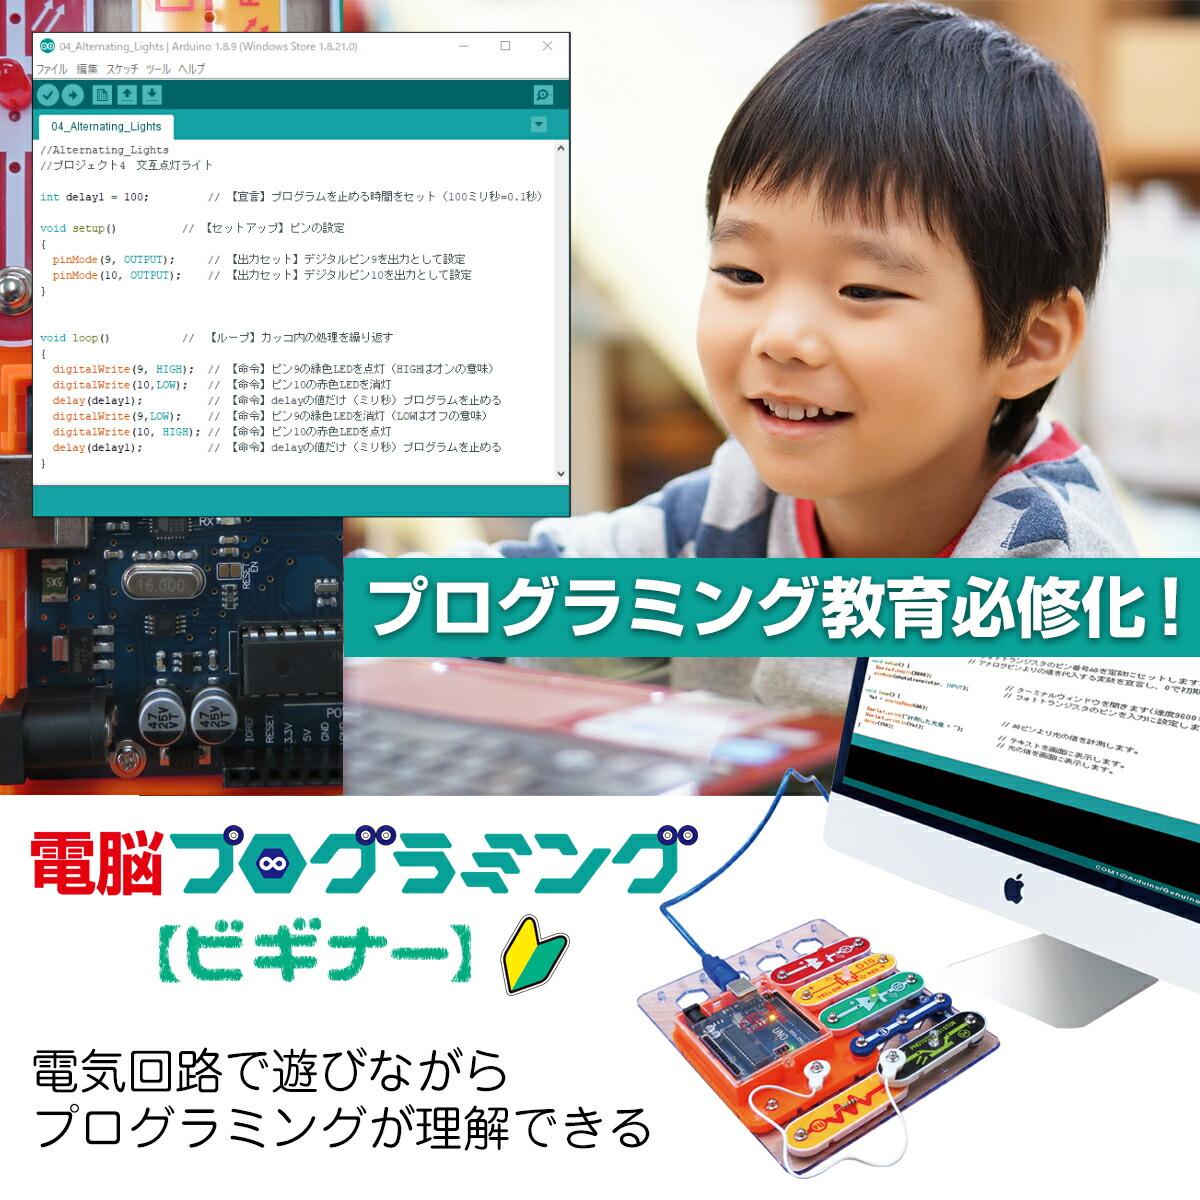 電脳プログラミング ビギナー